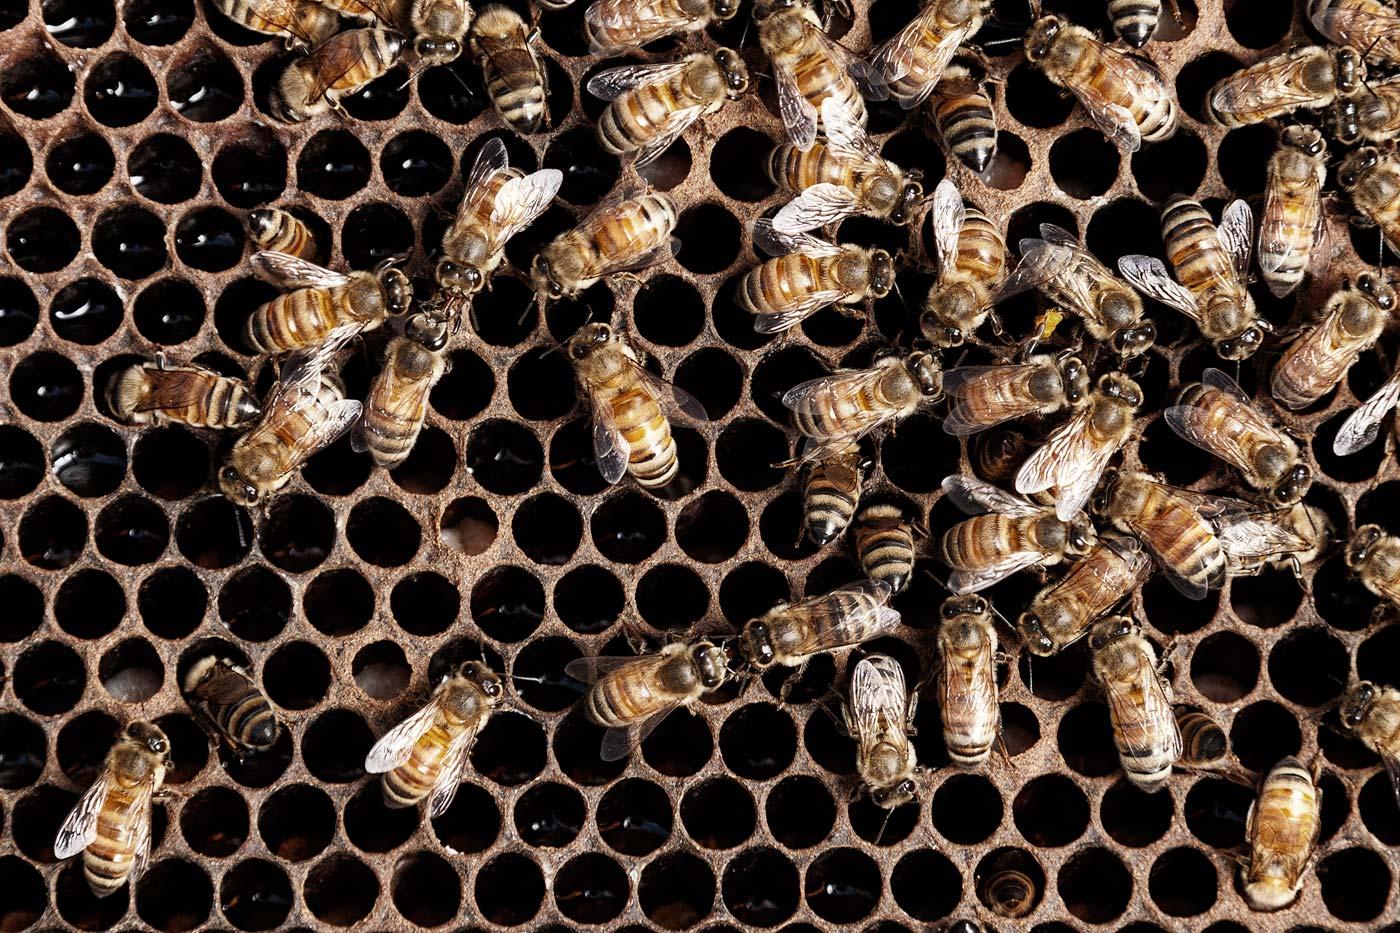 Editorial-ABP-beehive-university-of-texas.jpg